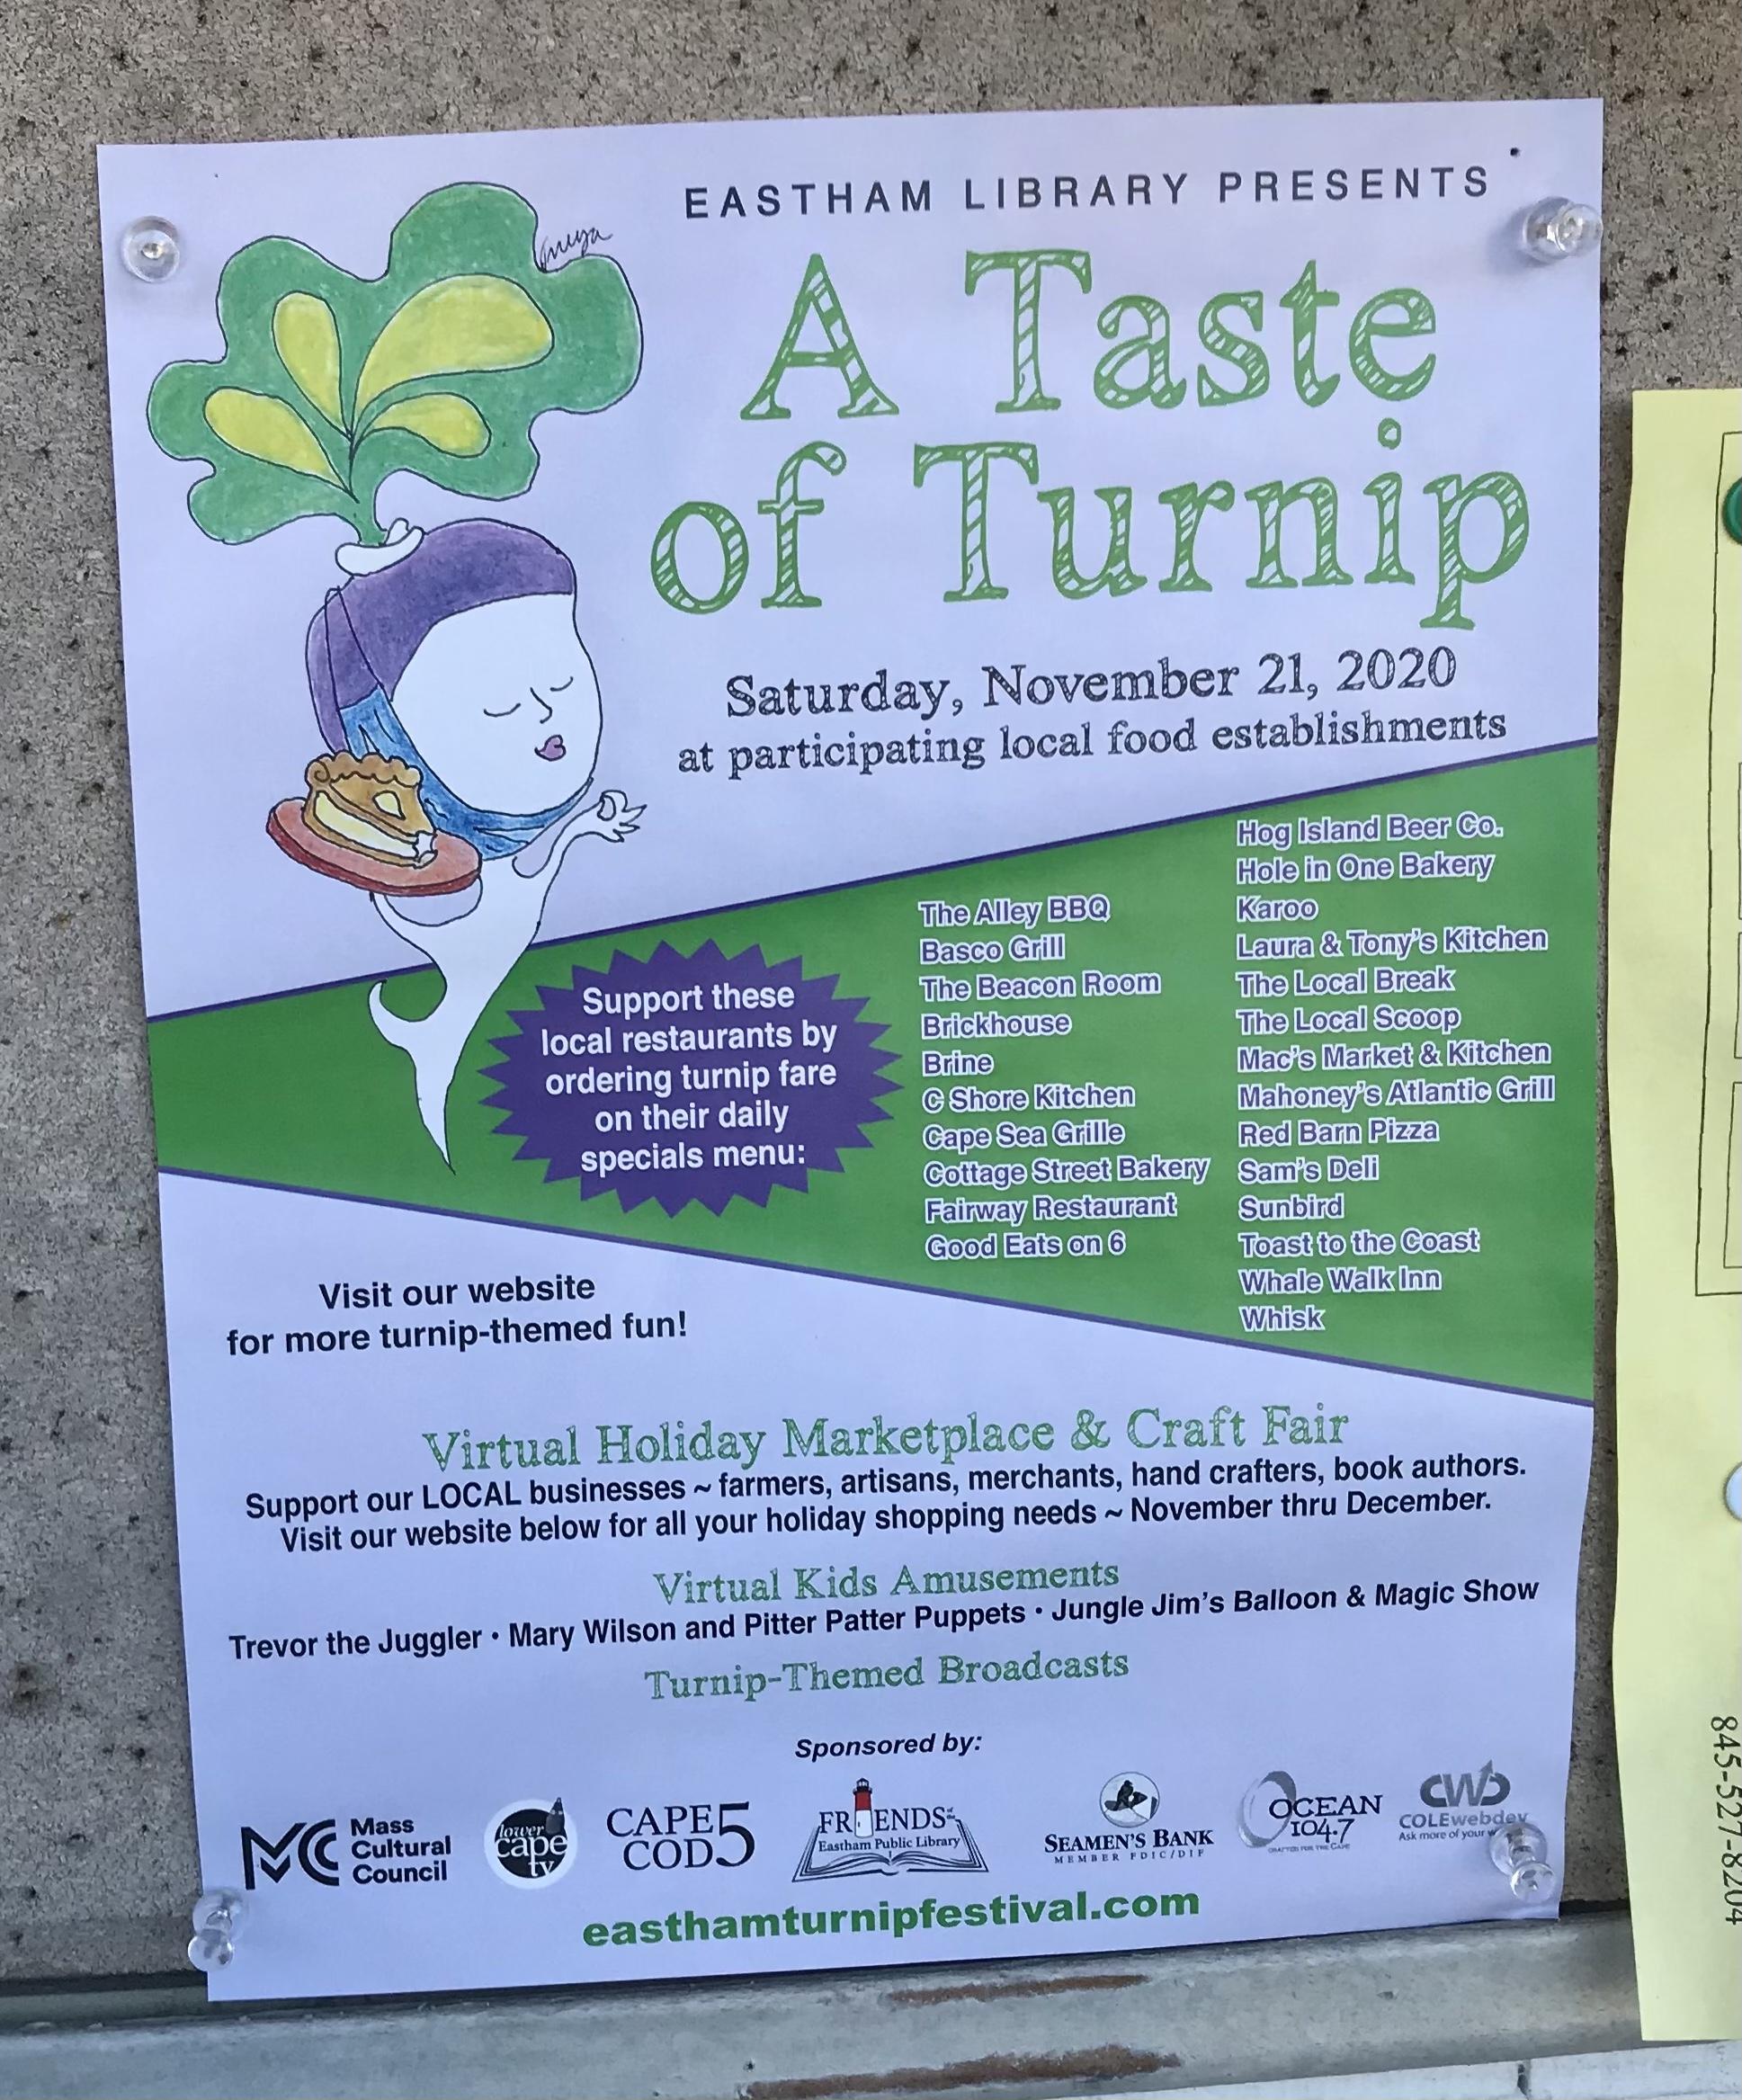 A taste of turnip sign